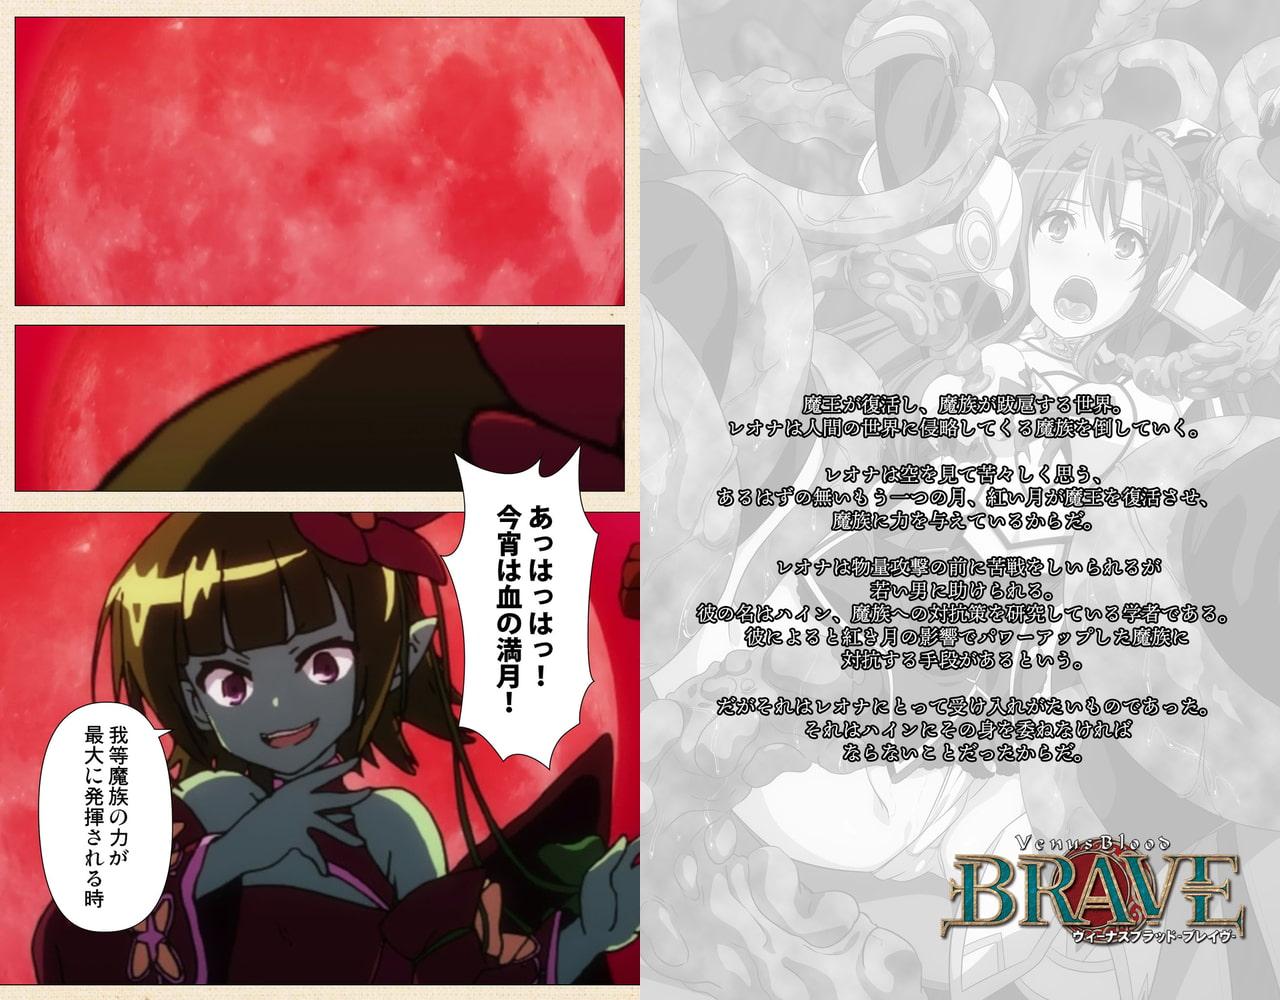 ヴィーナスブラッド-ブレイブ- Complete版【フルカラー成人版】